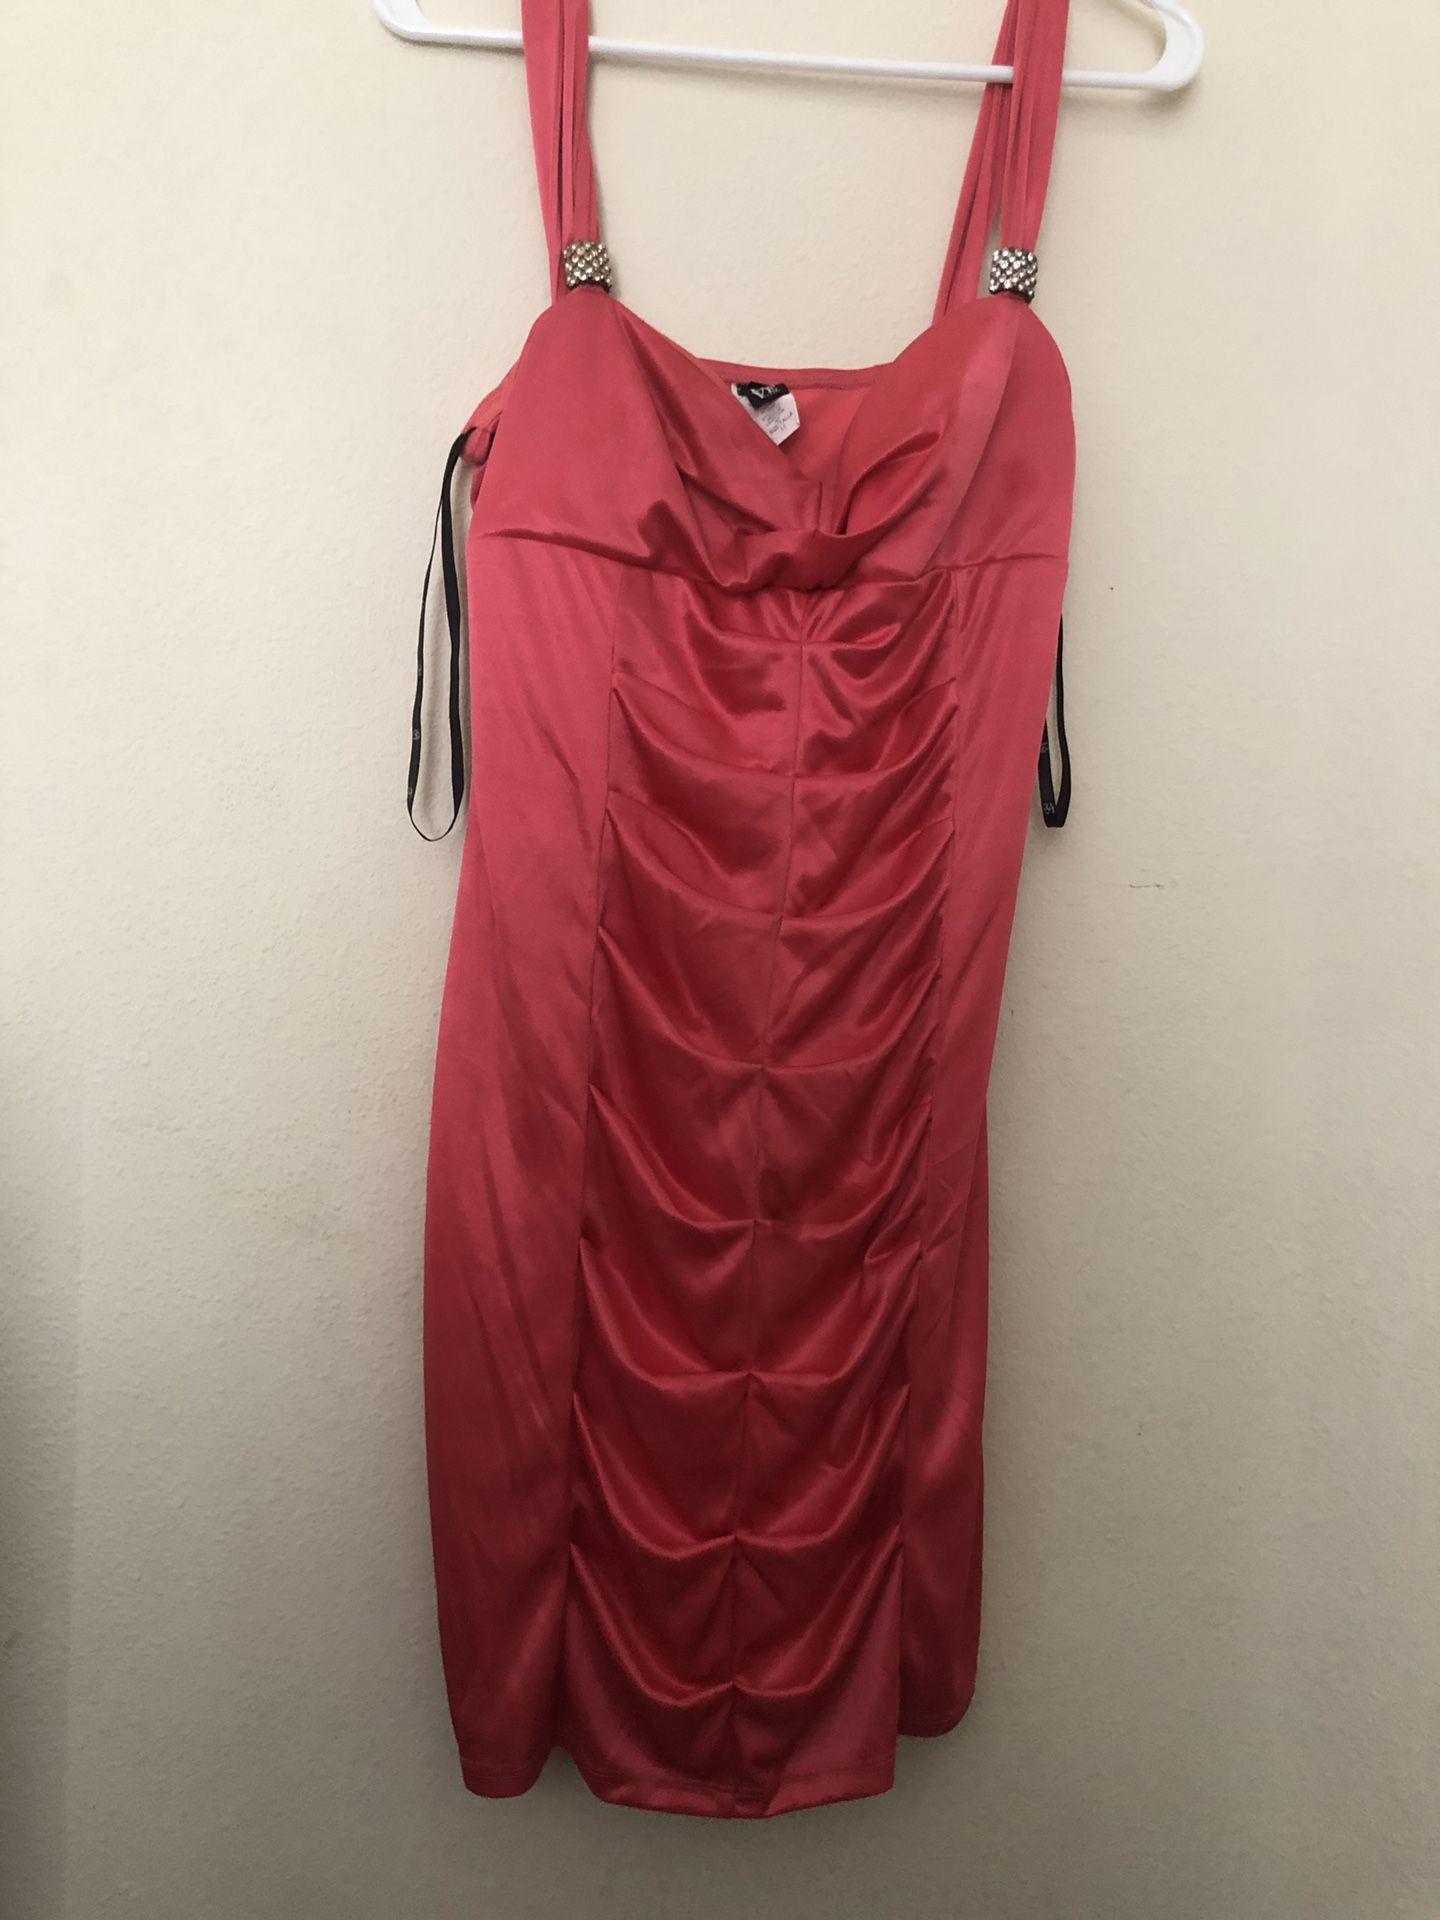 $2 Dresses